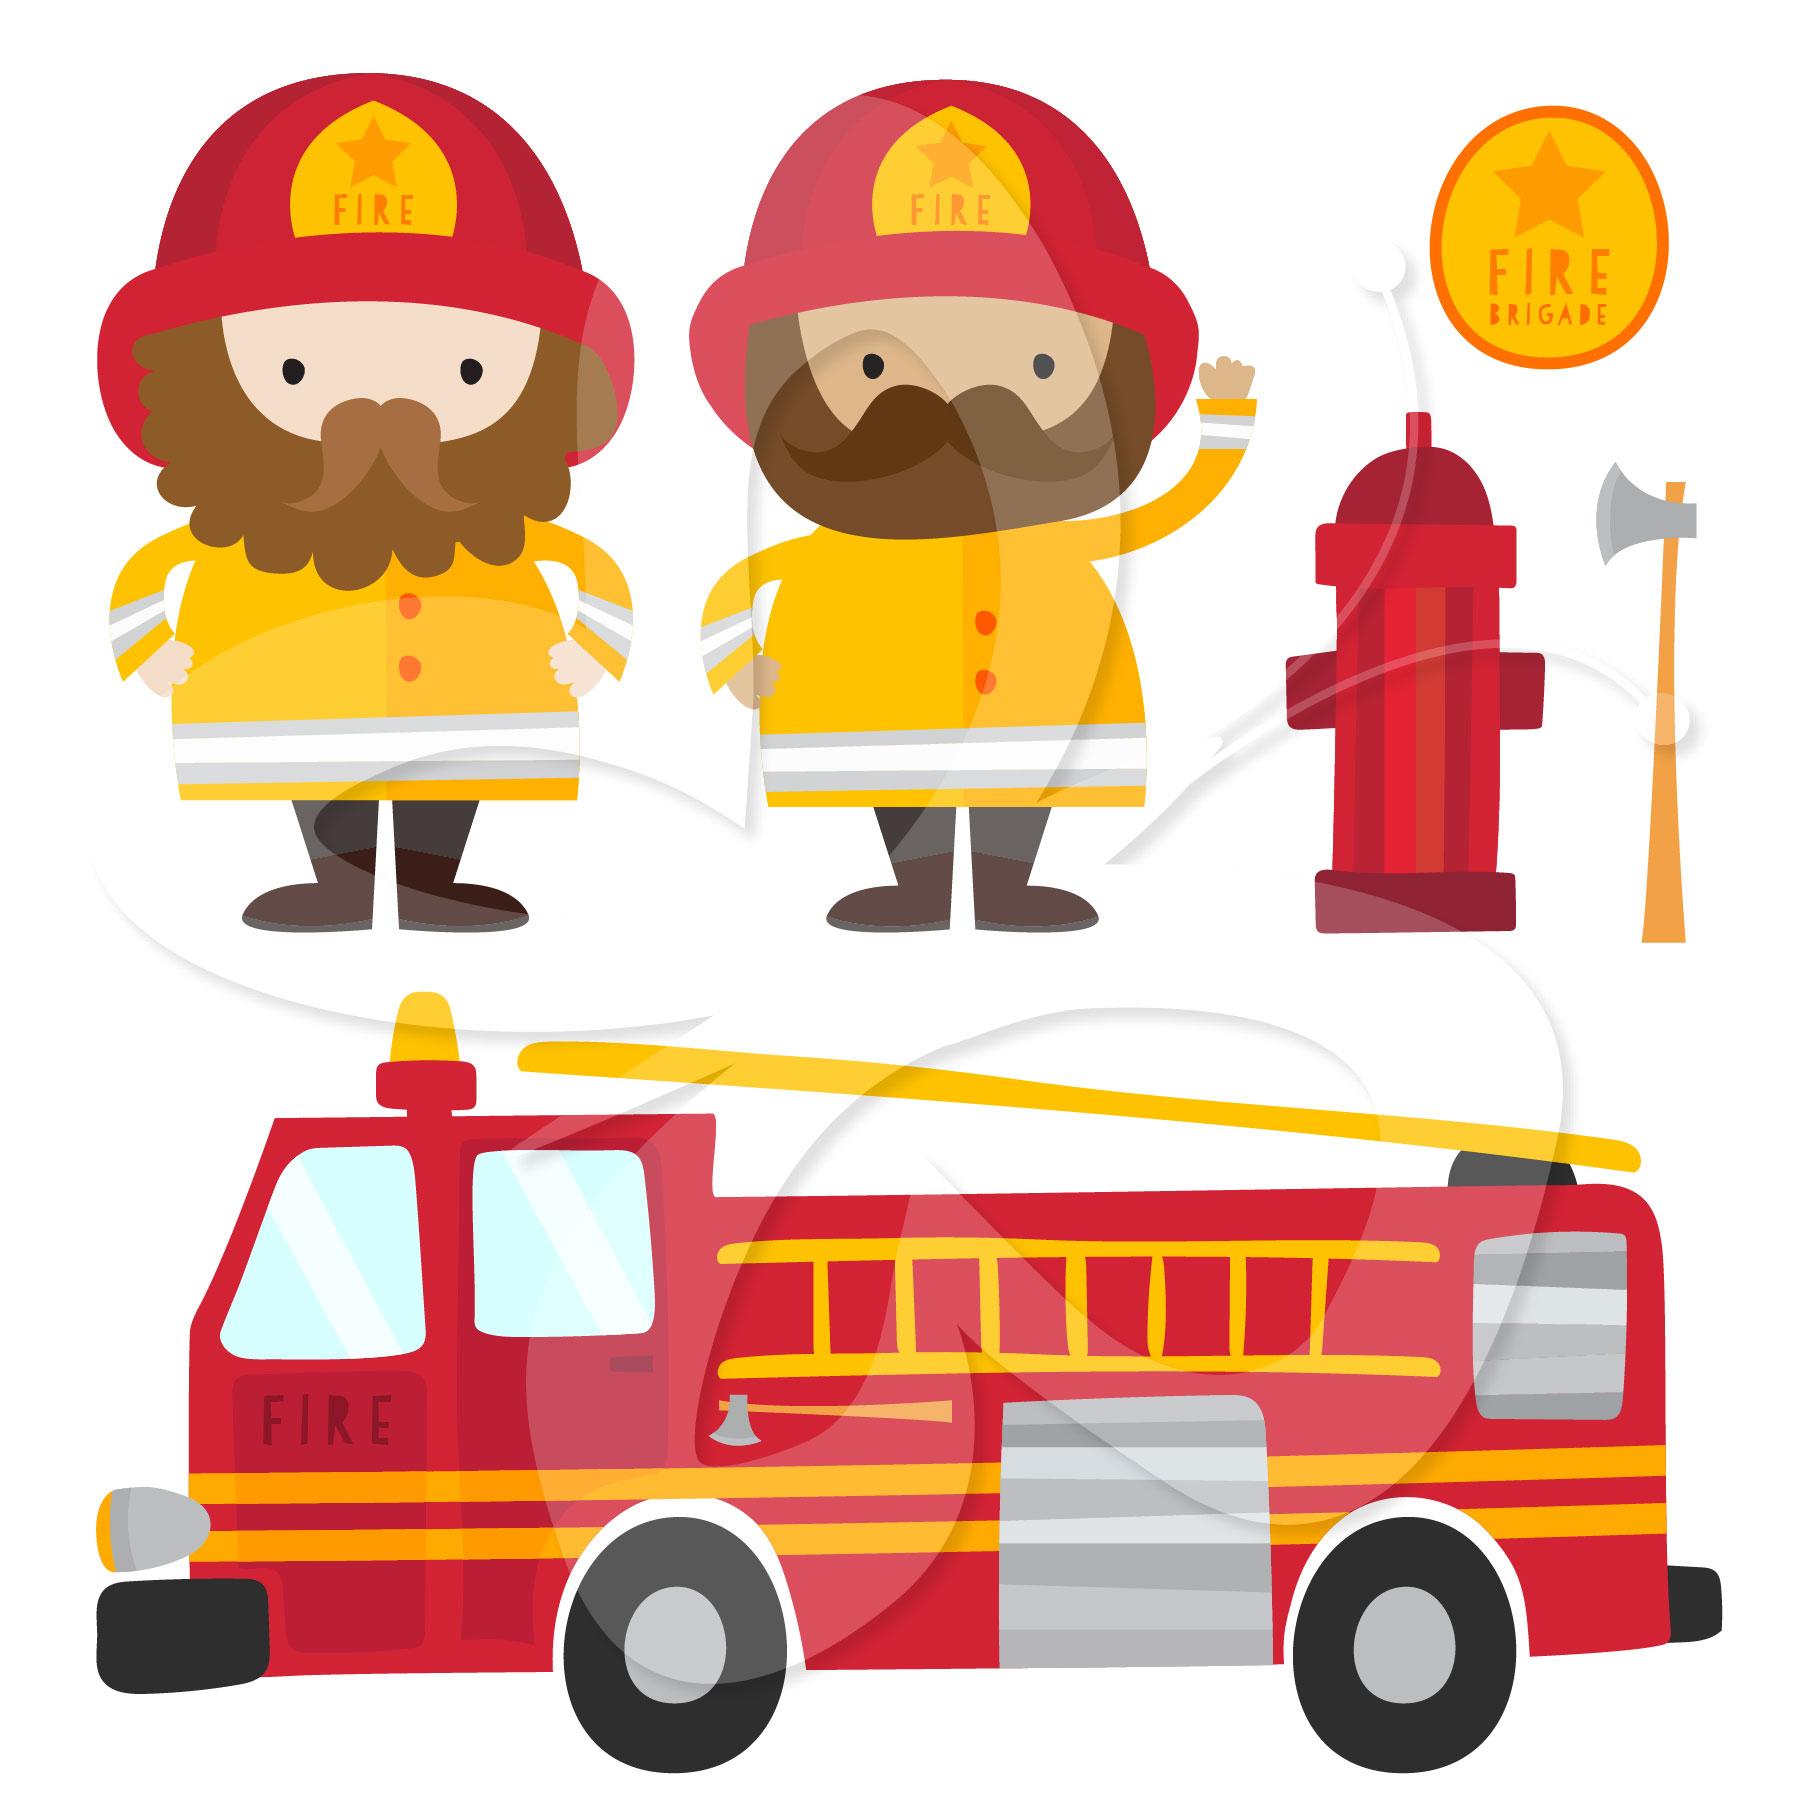 Engine clipart fireman Fireman Engine Fire fire fireman